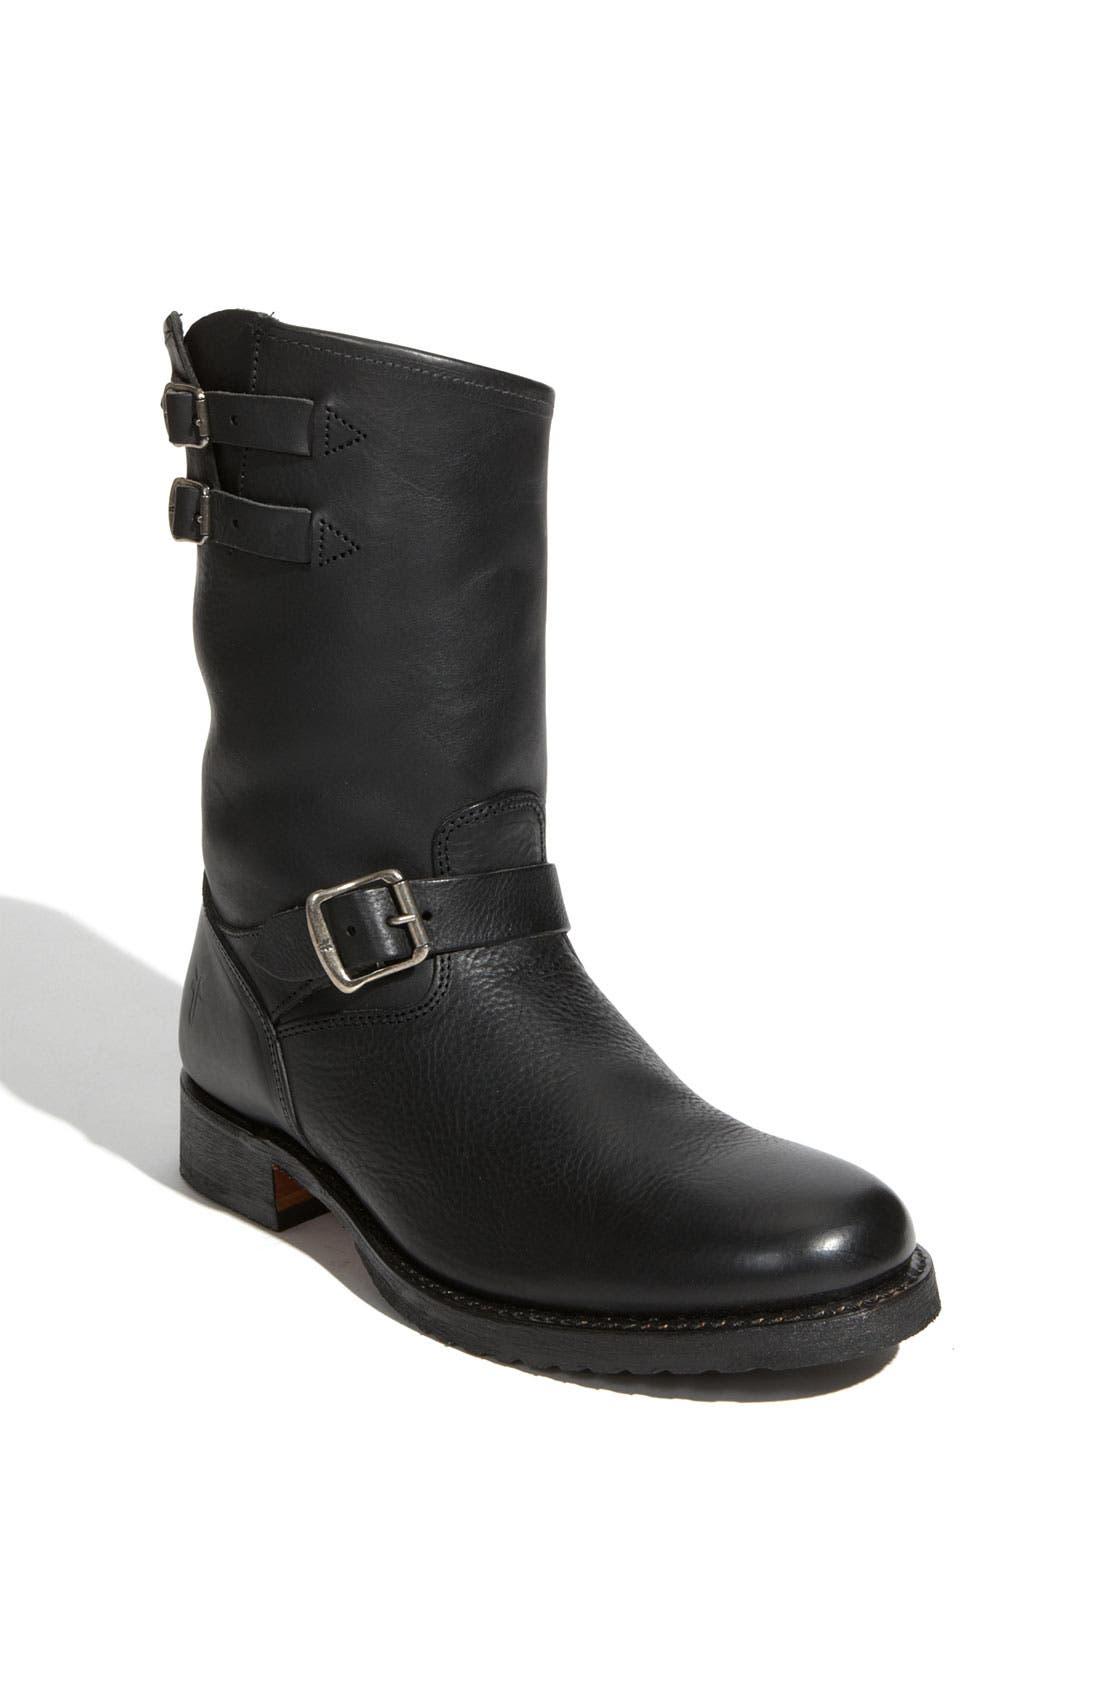 Alternate Image 1 Selected - Frye 'Rand' Engineer Boot (Men)